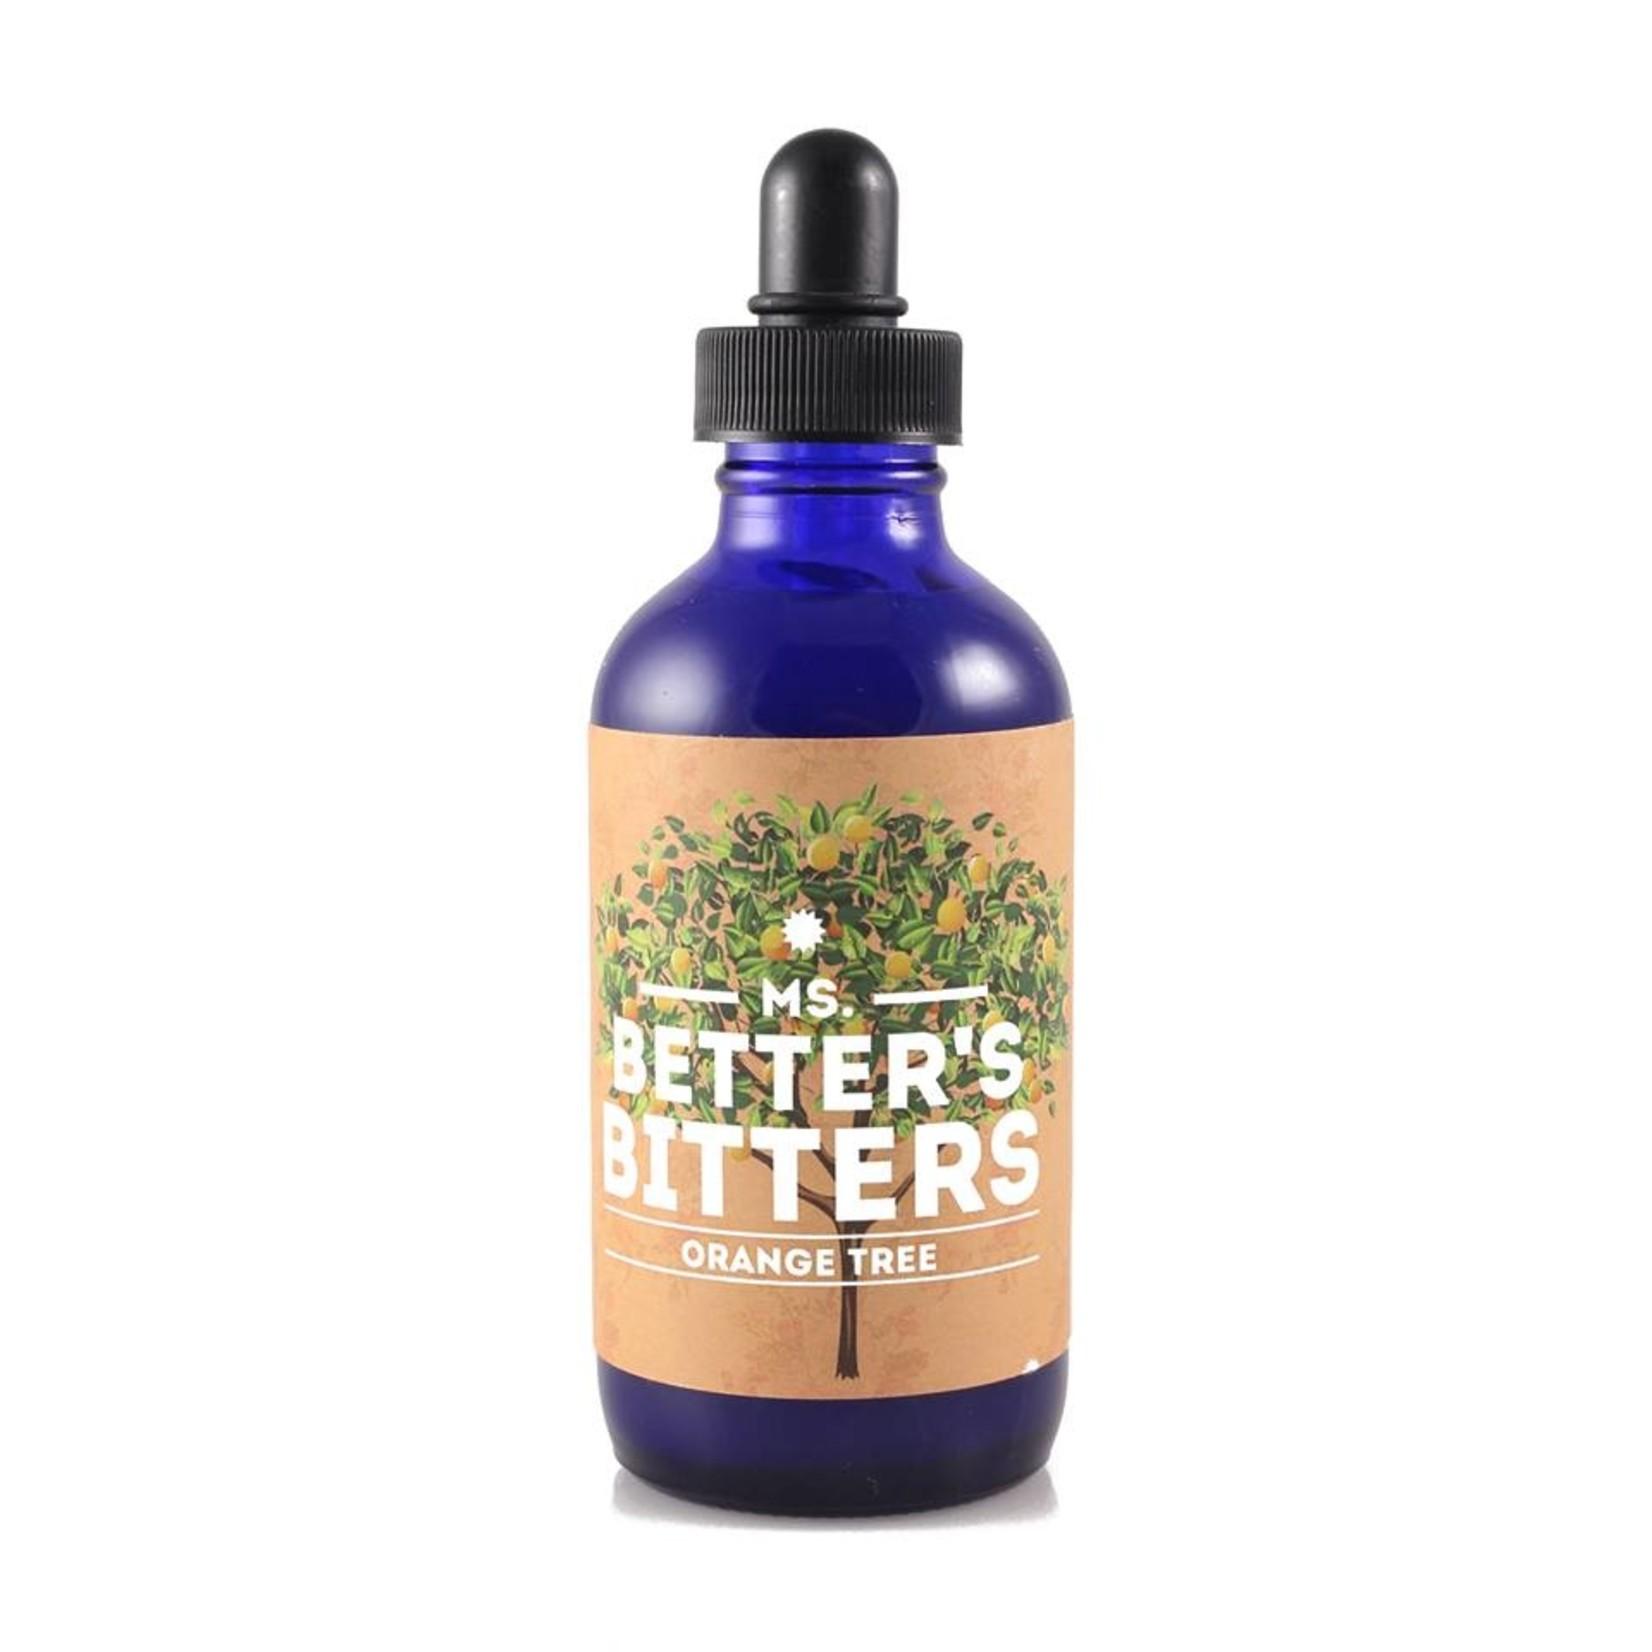 Ms Better's Bitters Ms Better's Bitters Orange Tree